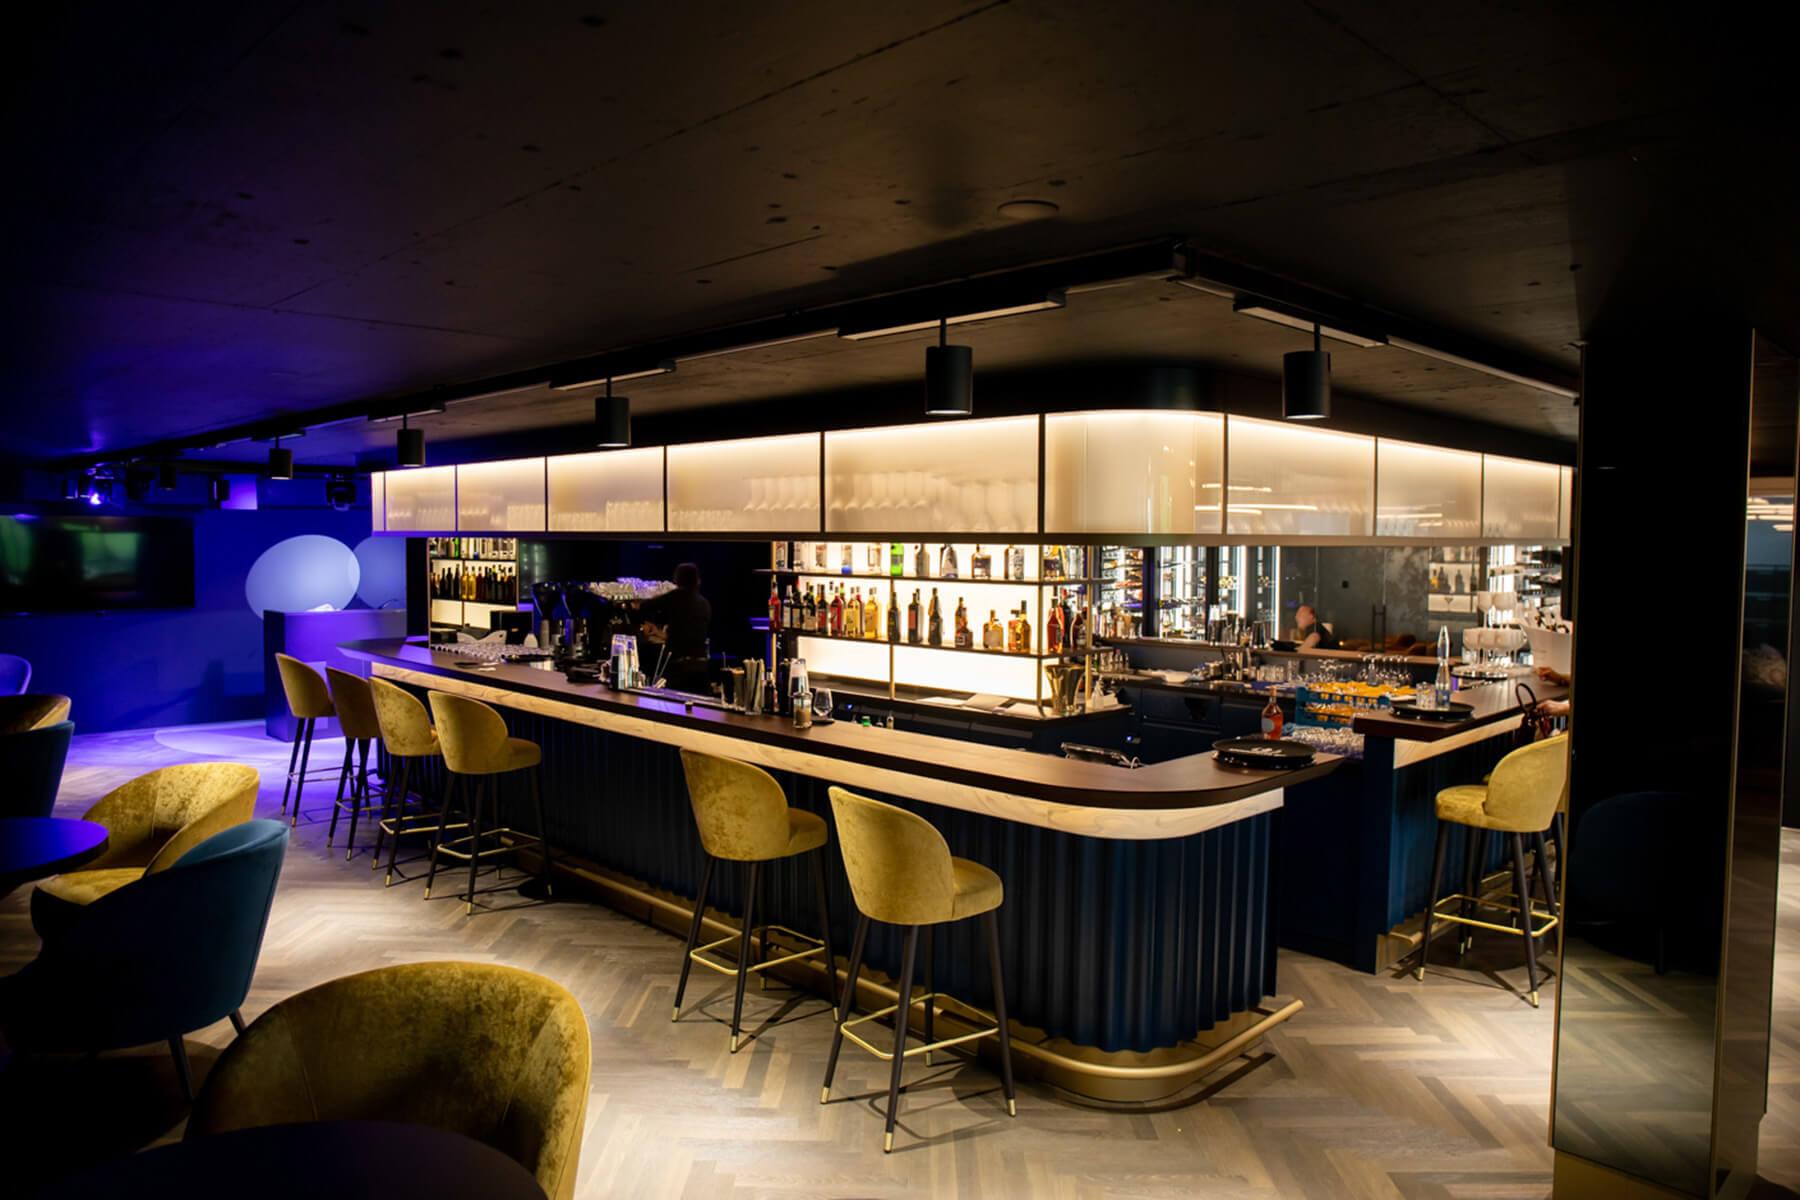 atlantis-bar-smokers-lounge-pfaeffikon-sz-18